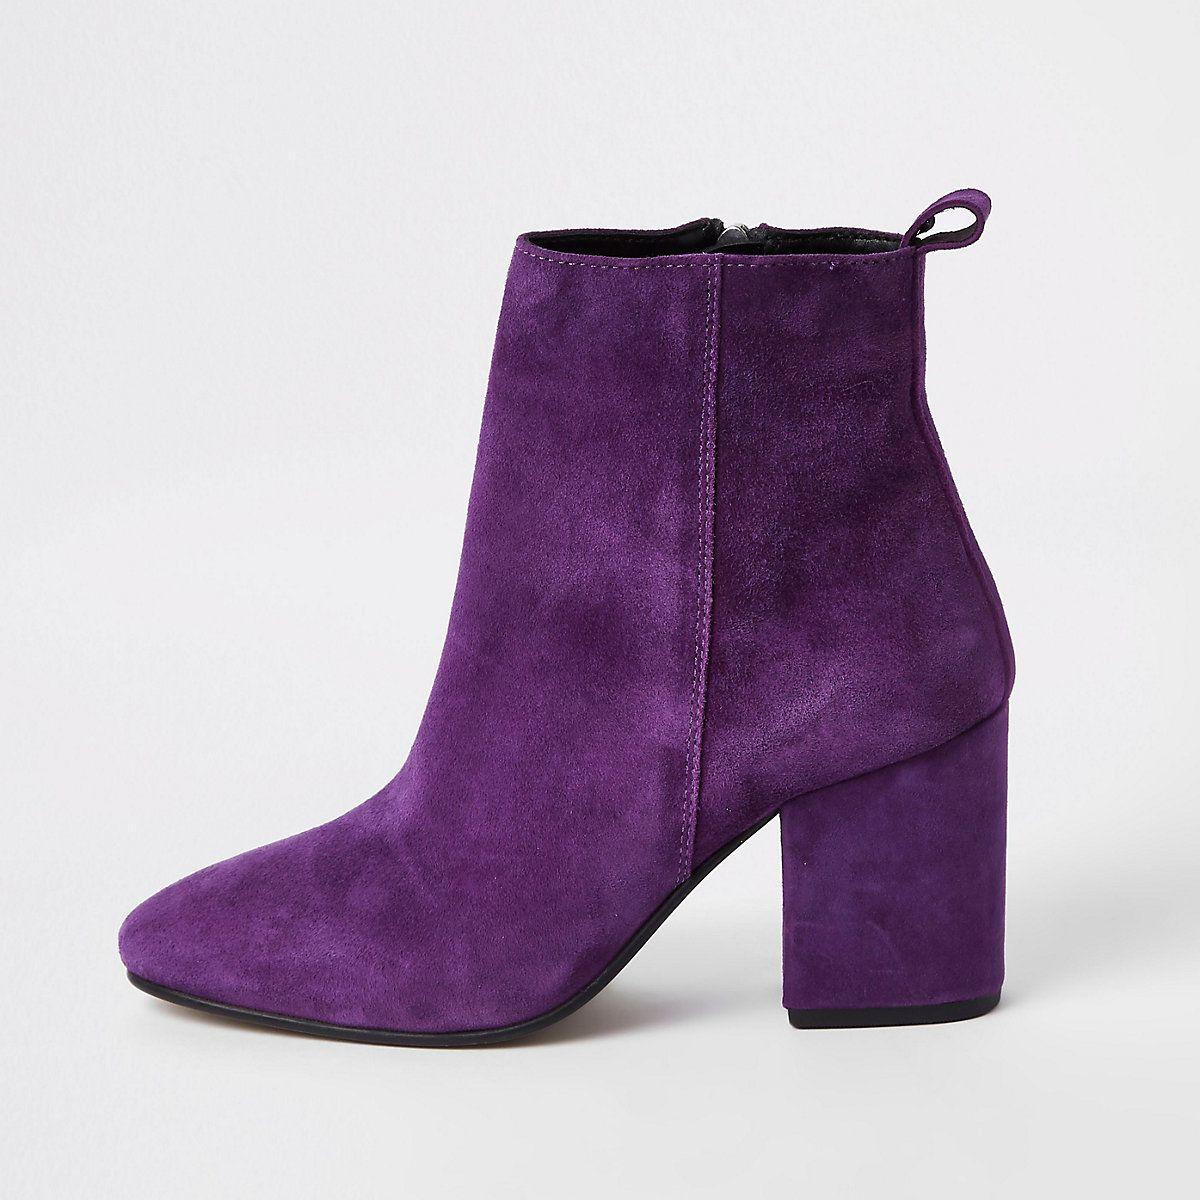 Purple suede block heel boots | Suede